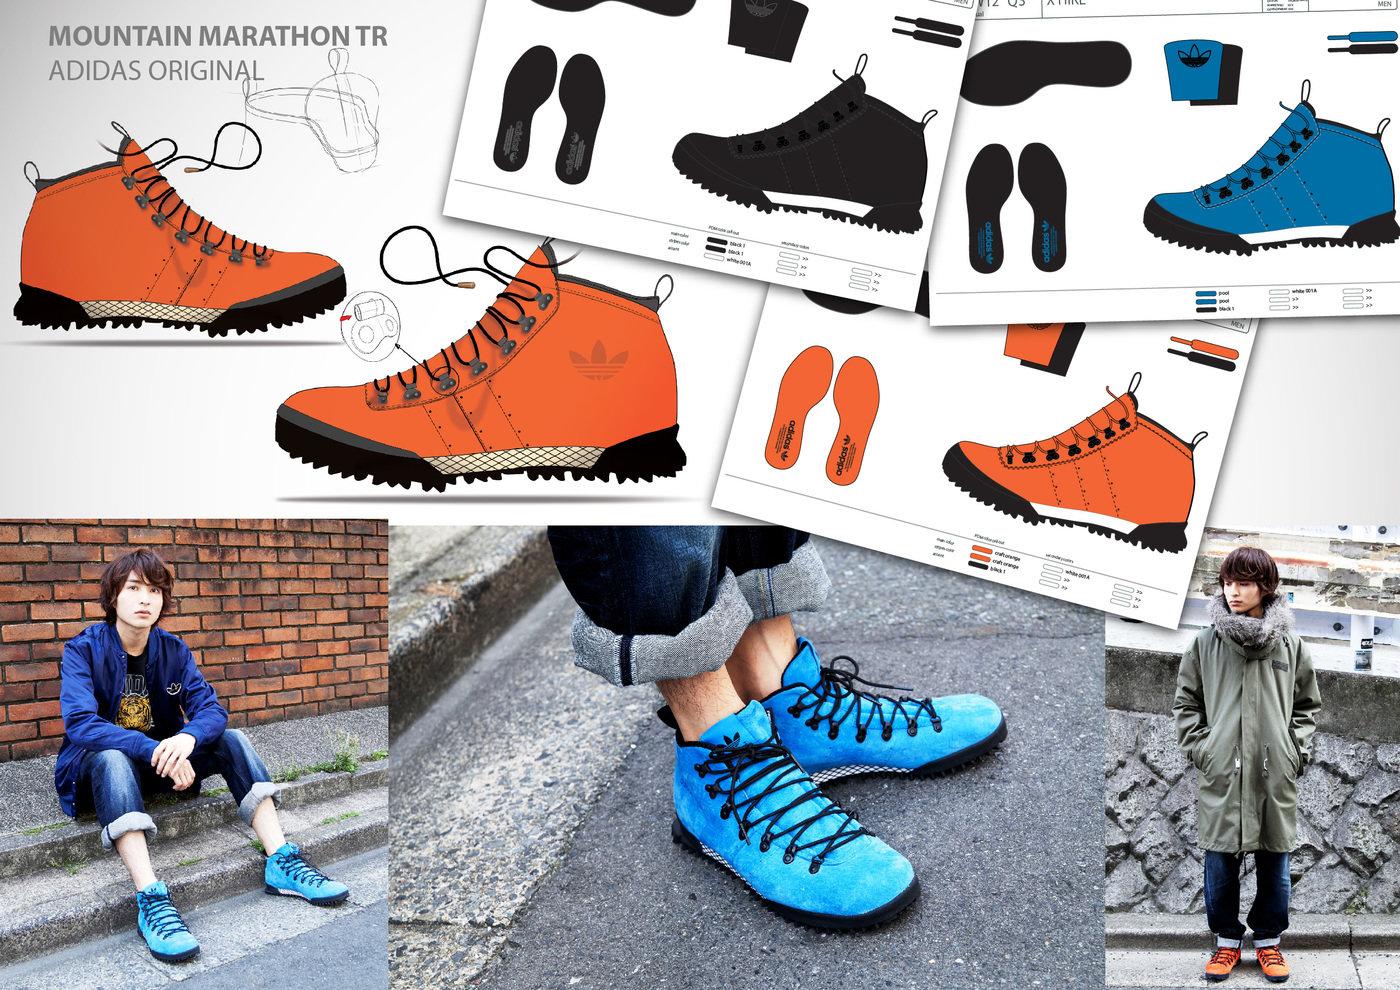 adidas originals mountain marathon